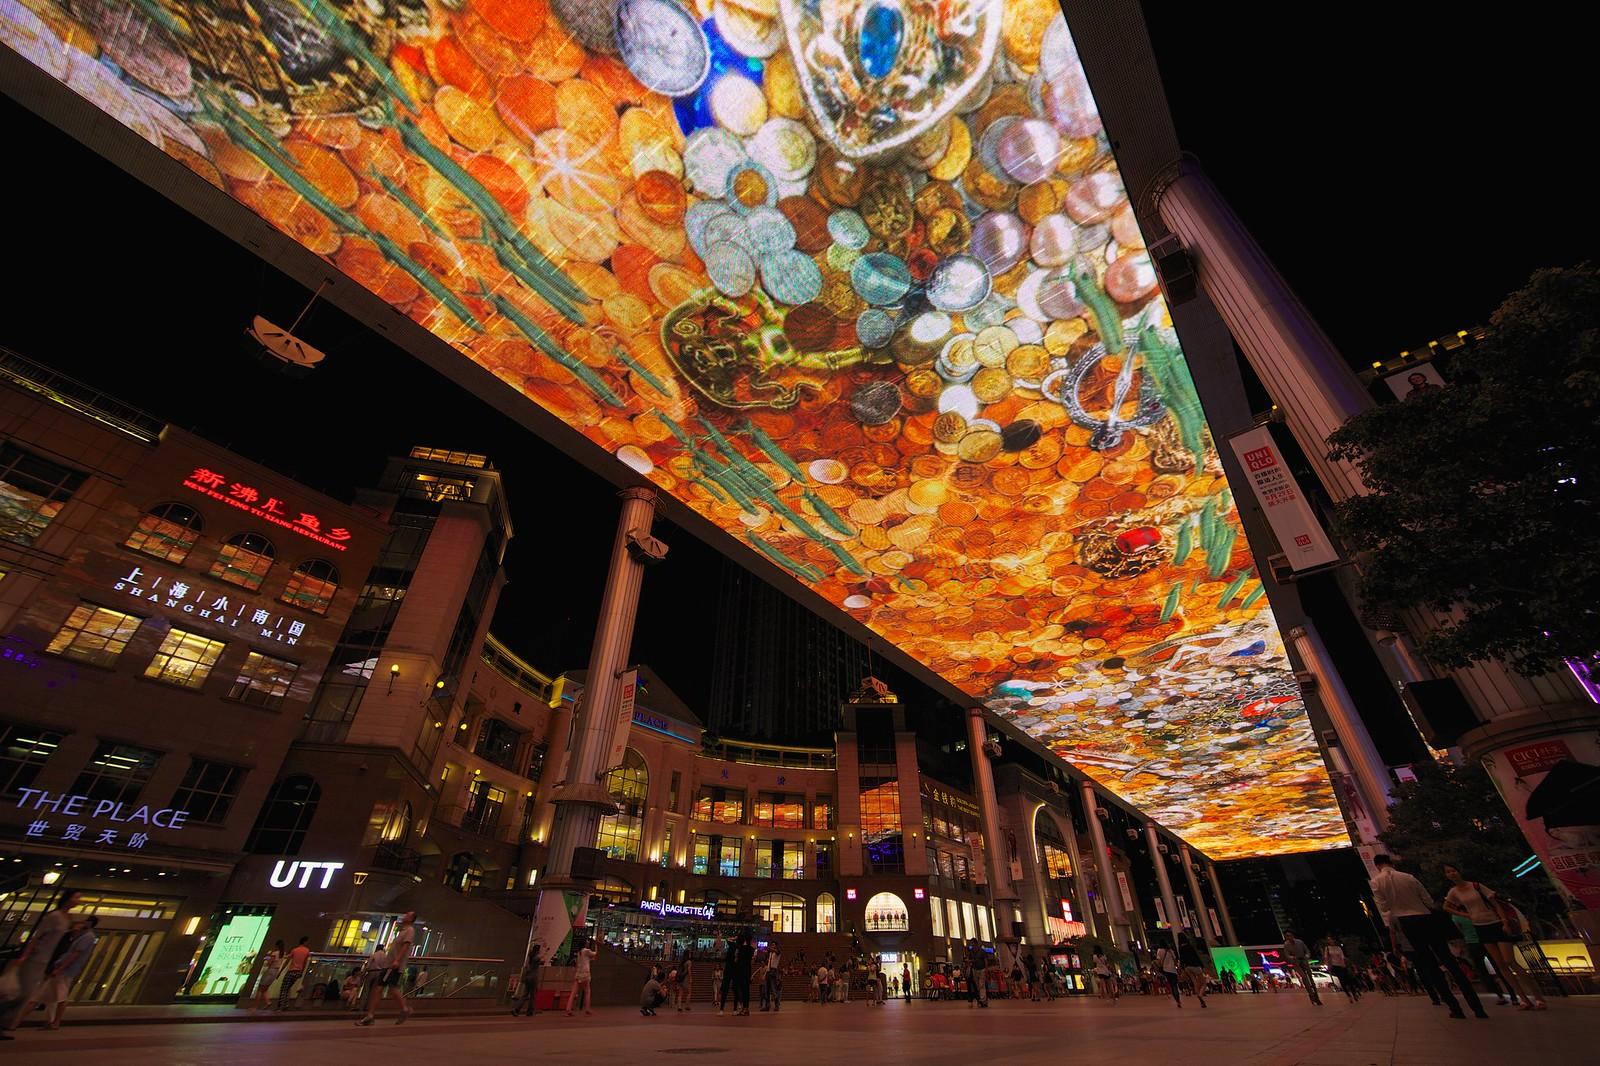 【日本と中国】矛盾を内包した都市「東京」、いざ訪れてみると「意外と時代遅れ」 [無断転載禁止]©2ch.netYouTube動画>2本 ->画像>588枚